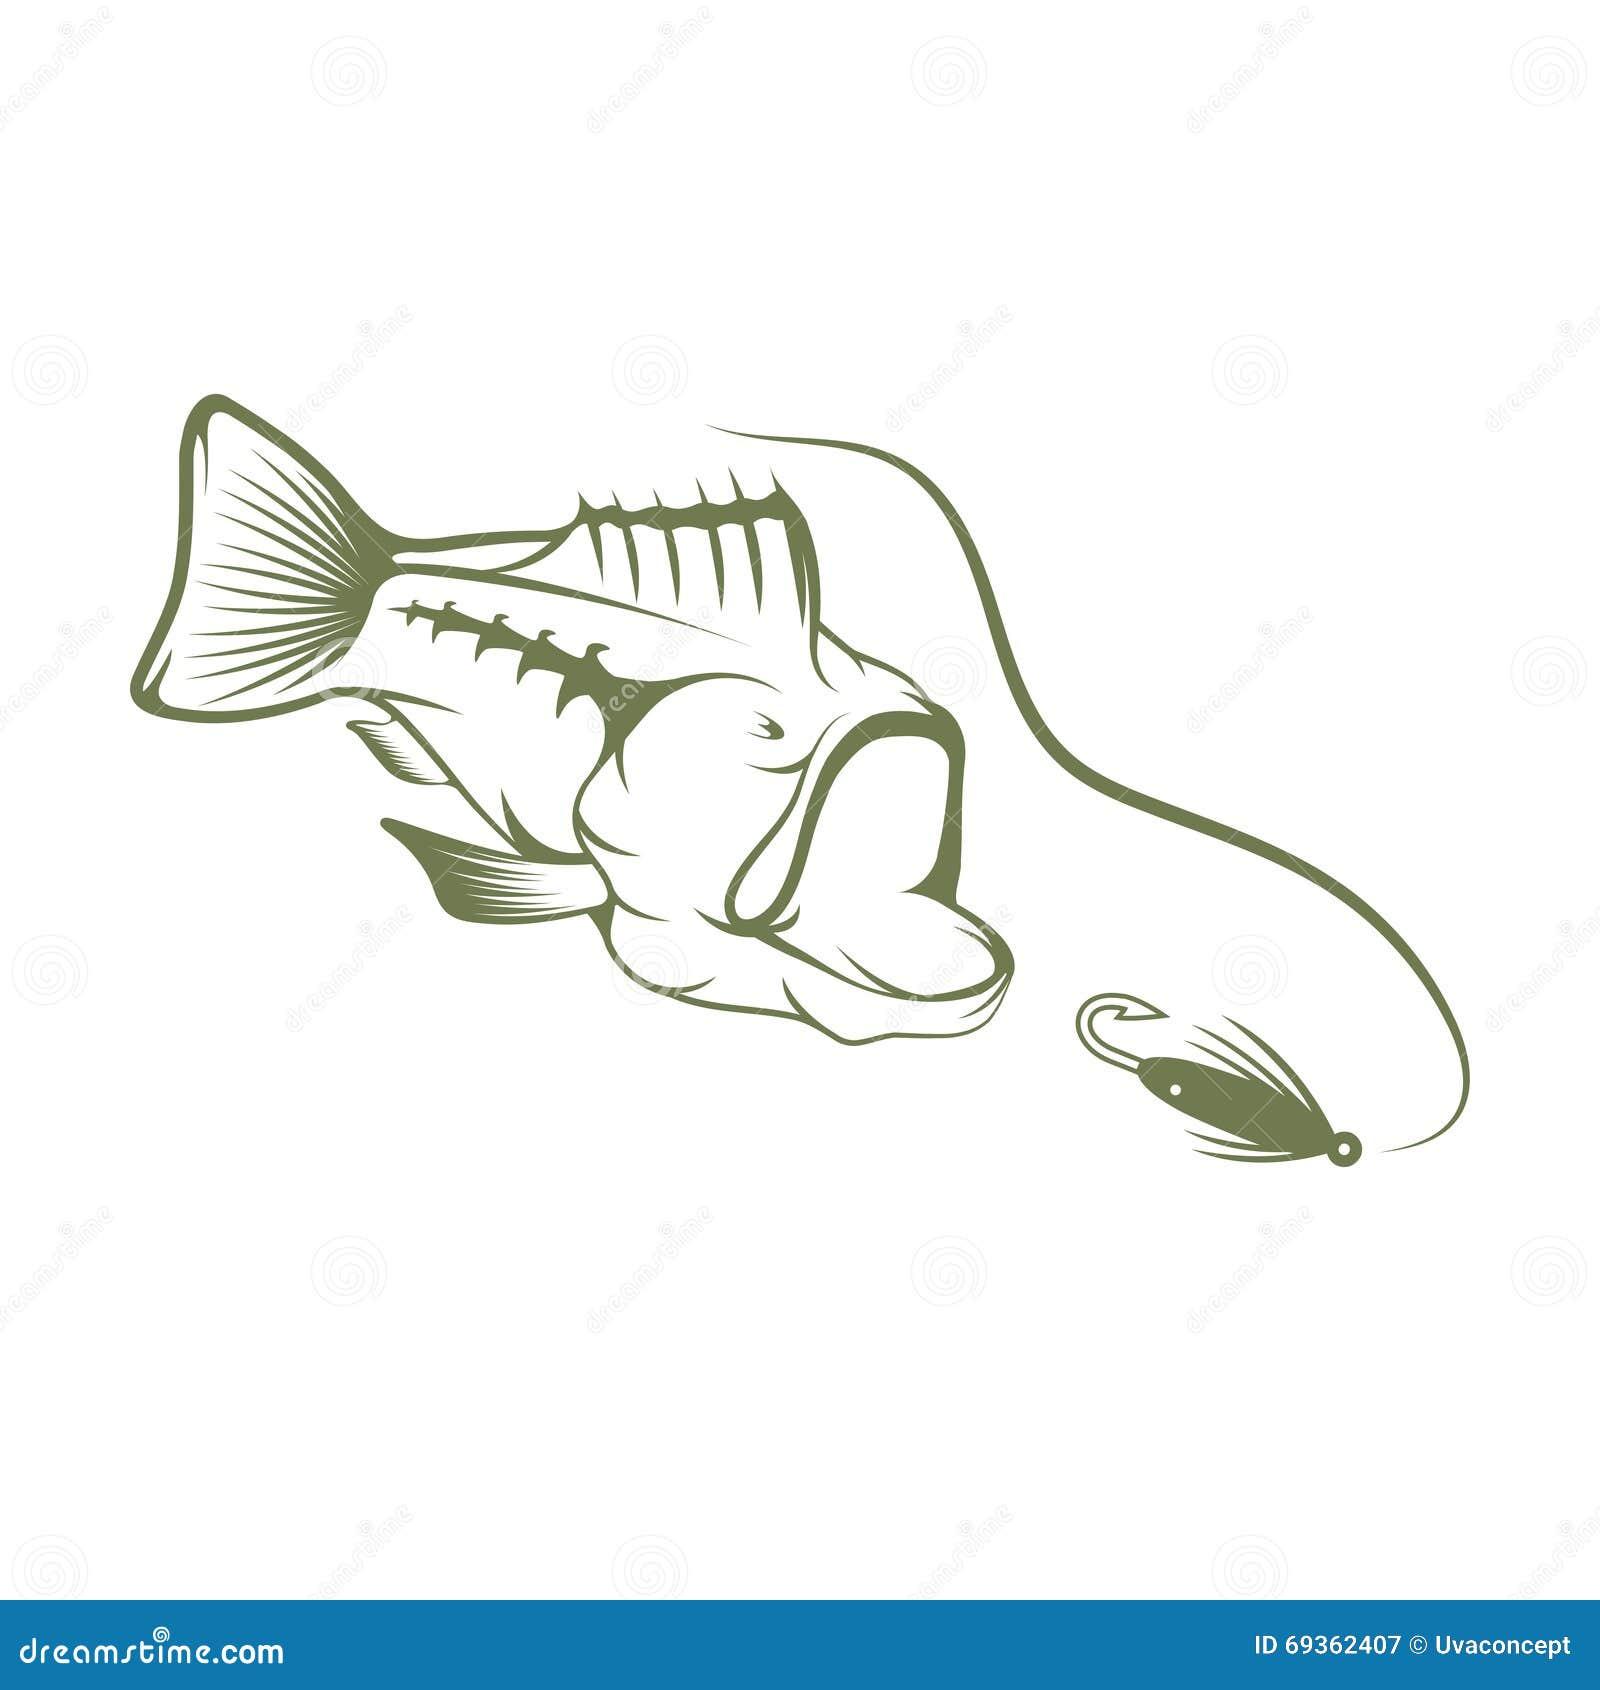 largemouth bass template - photo #15